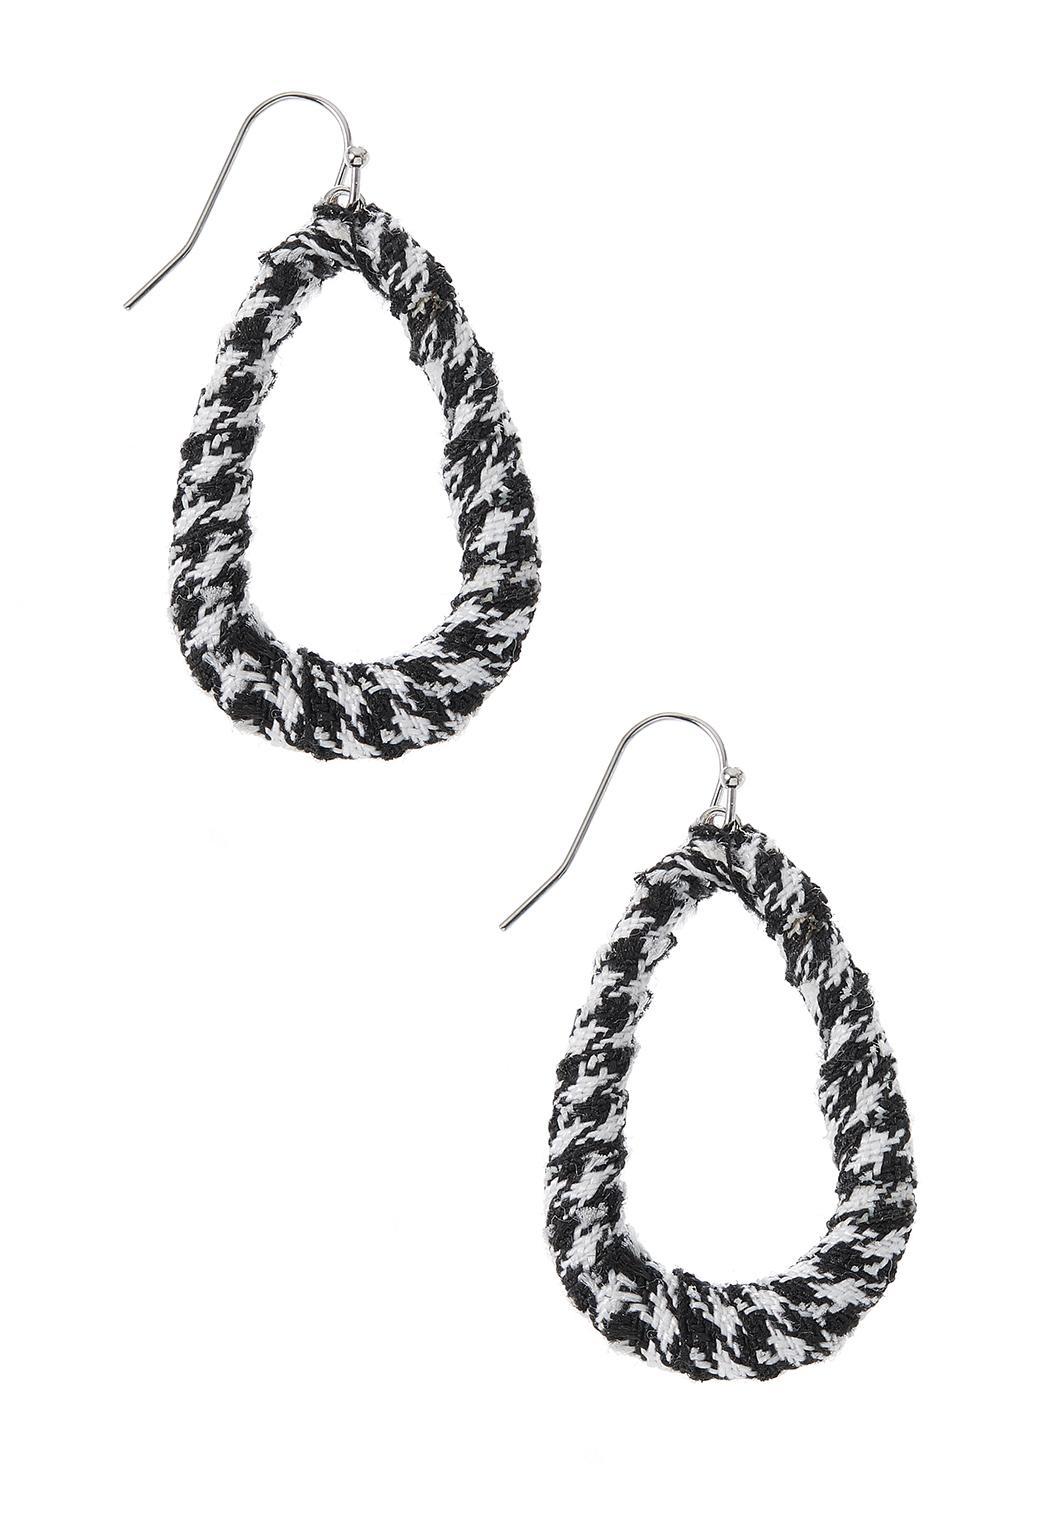 Houndstooth Earrings